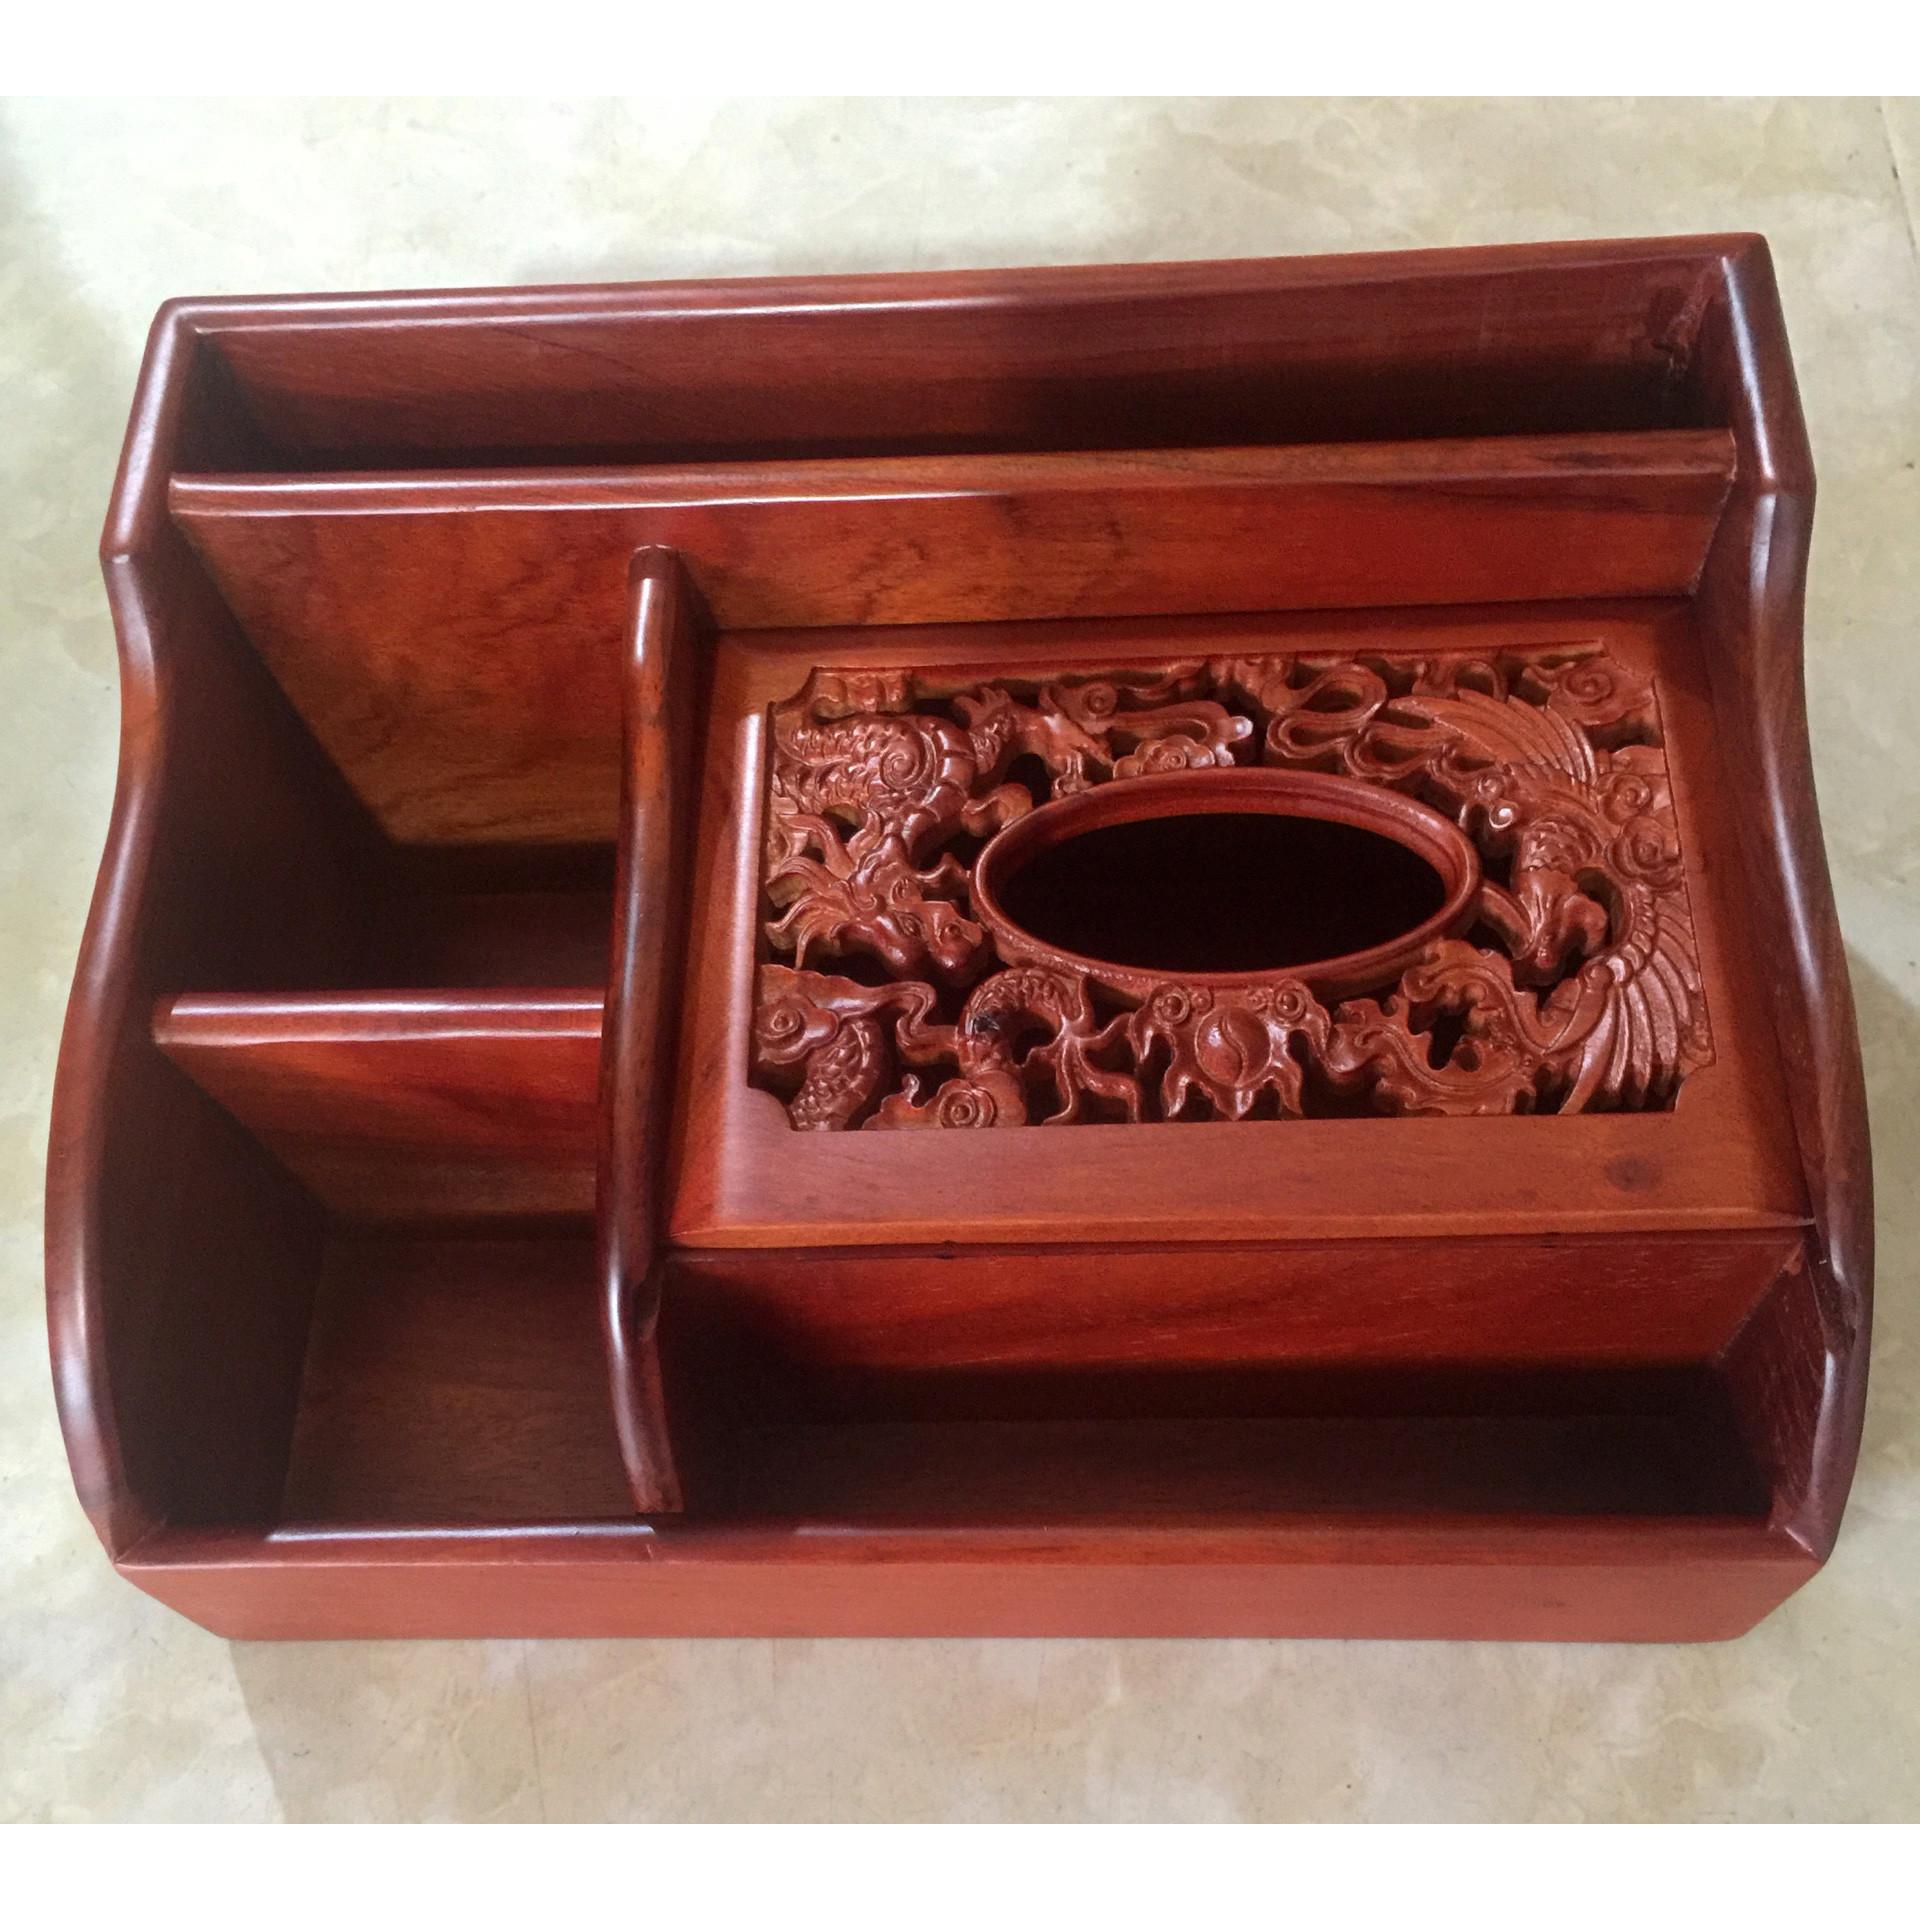 Hộp đựng khăn giấy để bàn sang trọng gỗ hương trạm khắc long phụng